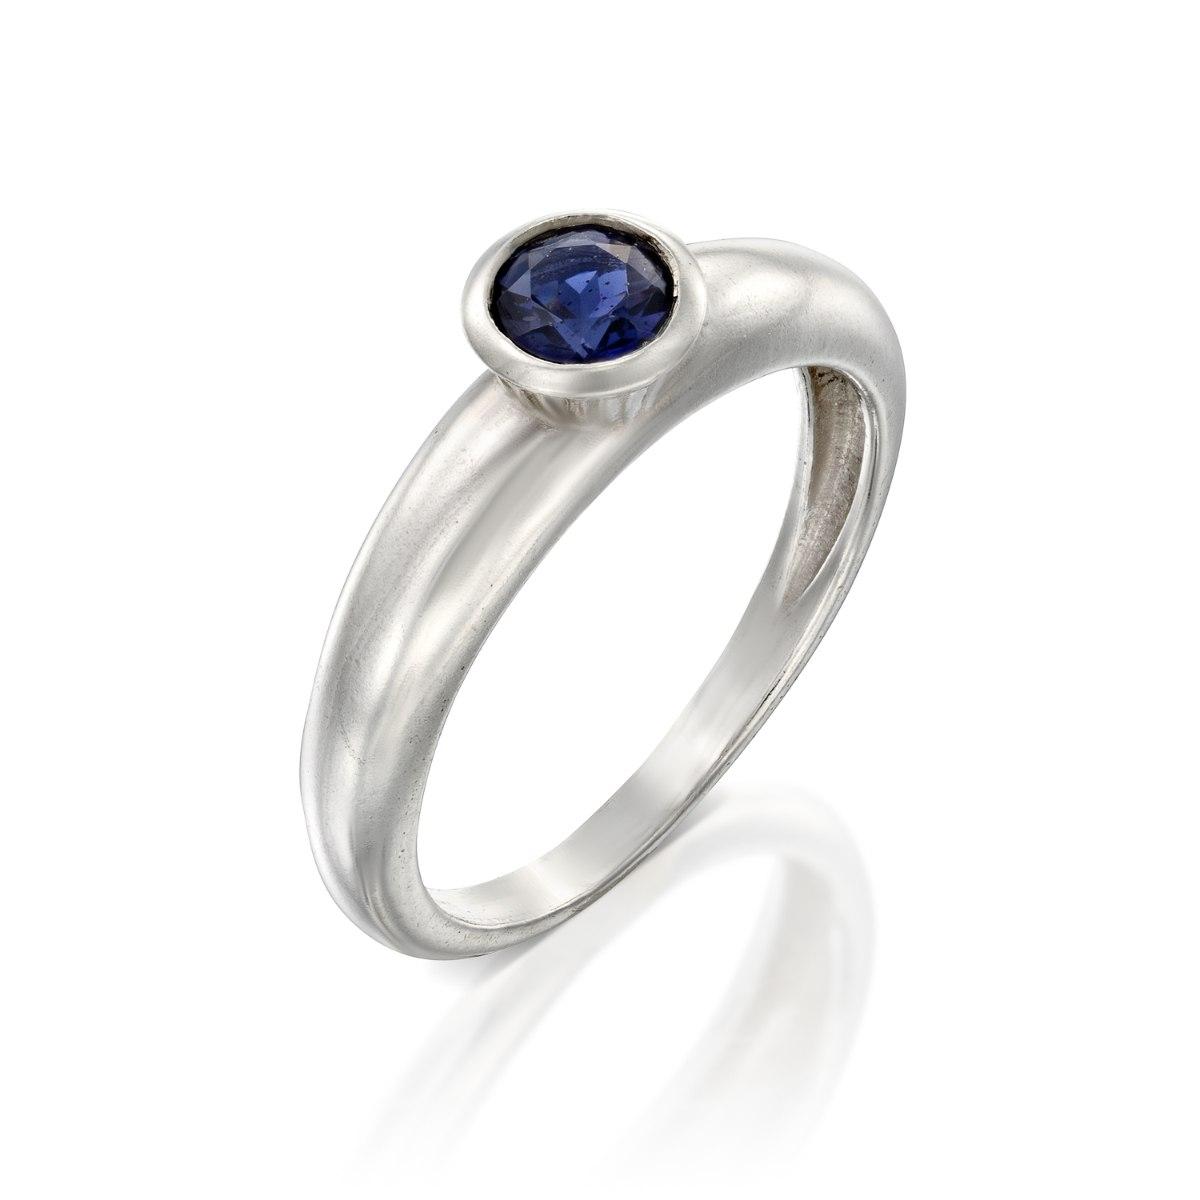 טבעת כסף עם בית אבן קאפקייק קטן משובצת באיולייט נועה טריפ noa tripp